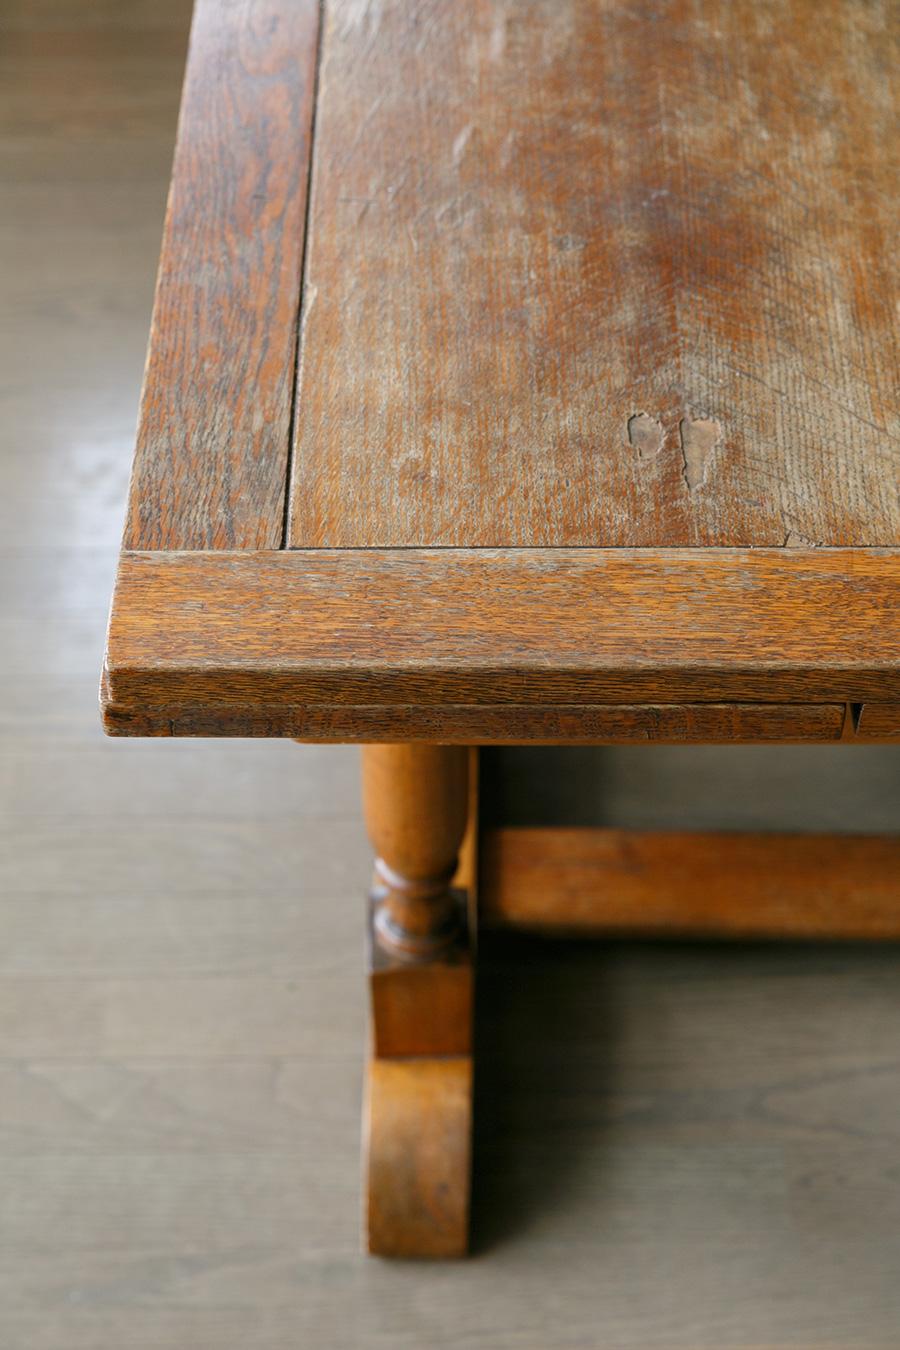 テーブルの材は、ヨーロッパで貴族に愛されてきたマホガニー。いつの時代のものなのか、どんな人が使ってきたのか、想像が膨らむ。